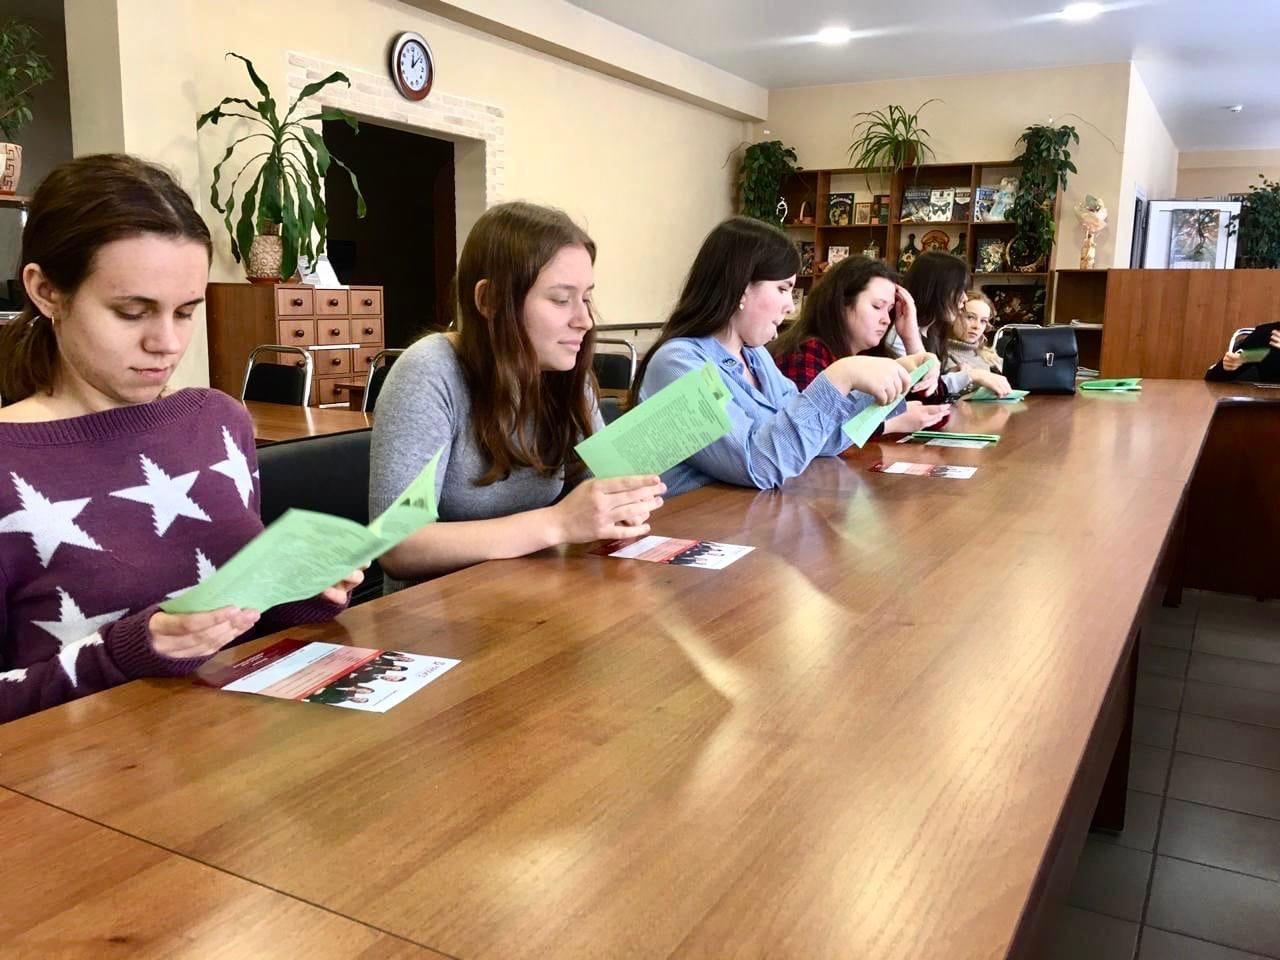 Тамбовский филиал РАНХиГС провел выездной день открытых дверей, фото-4